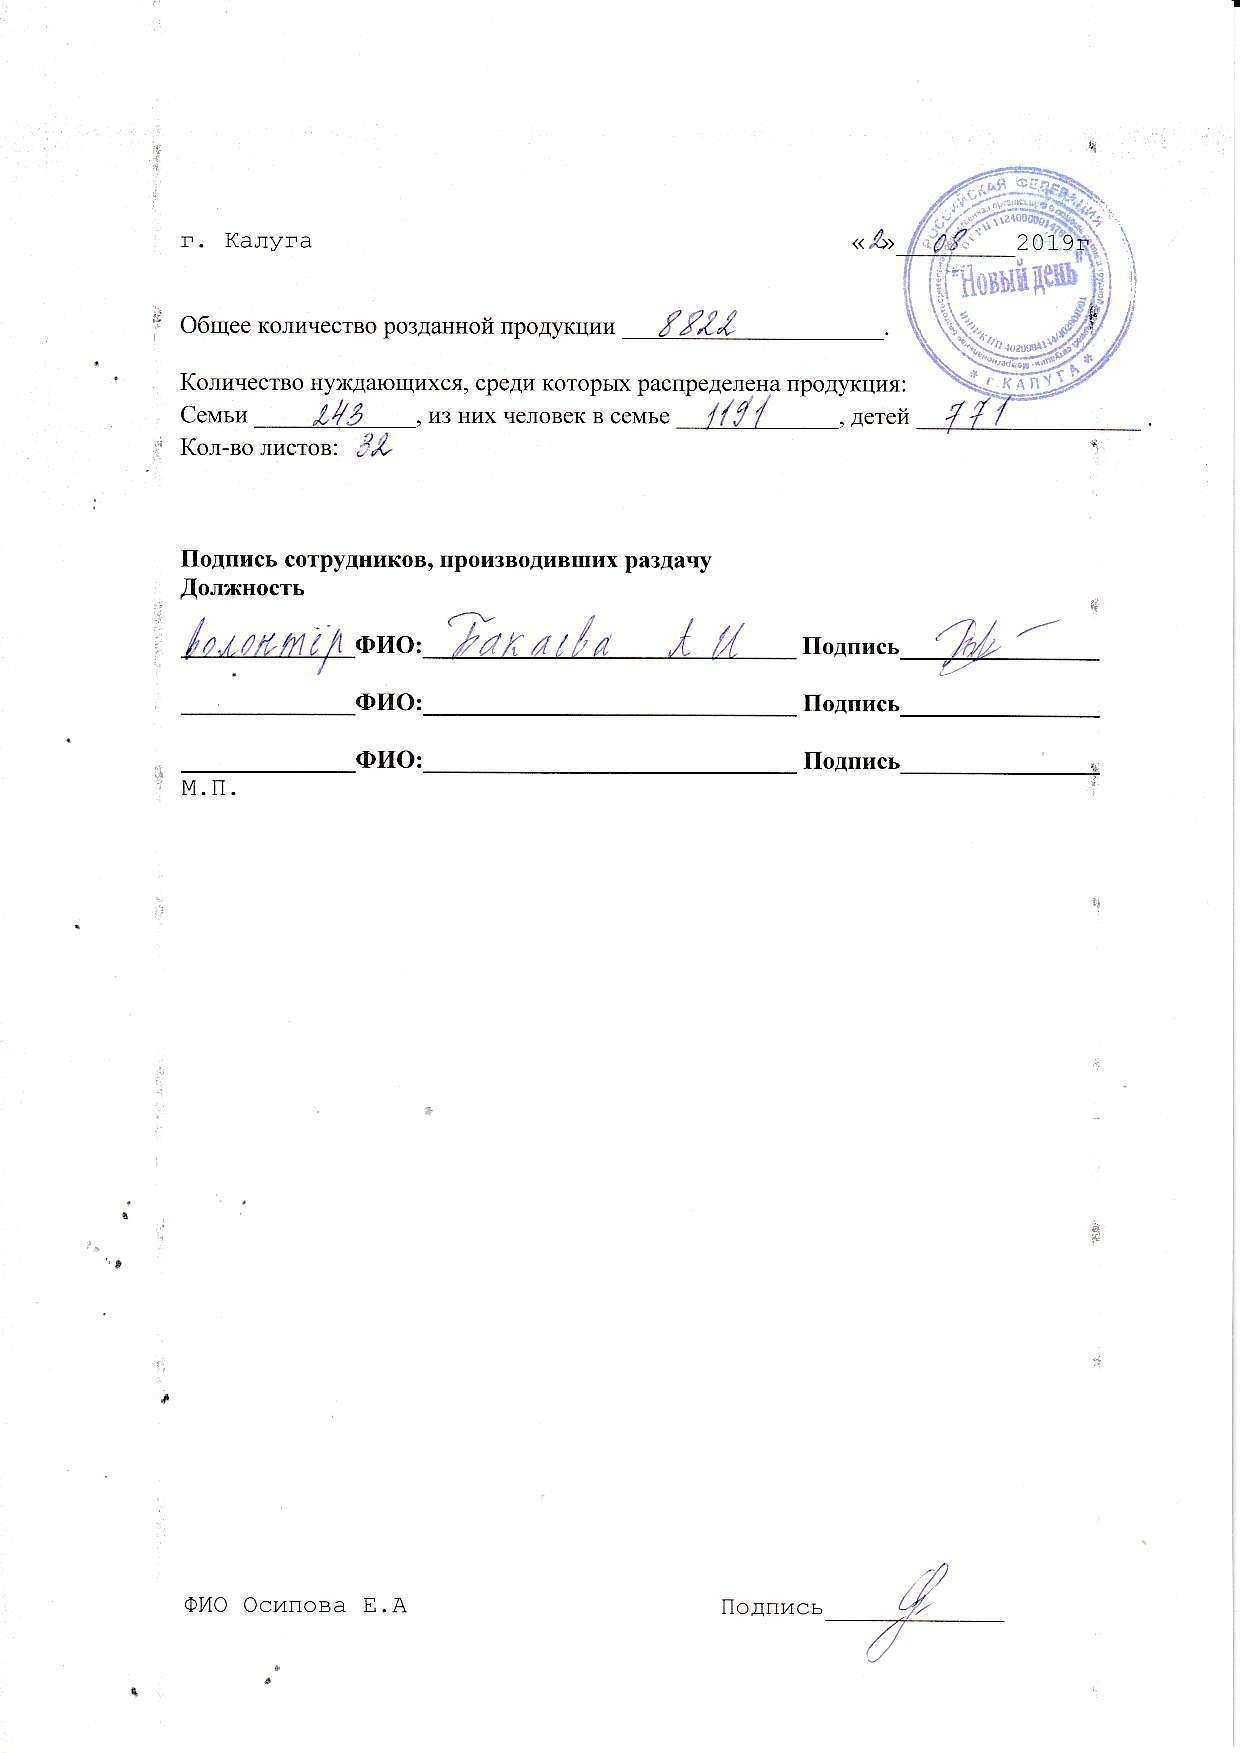 Молочка кол-во 02.08.2019